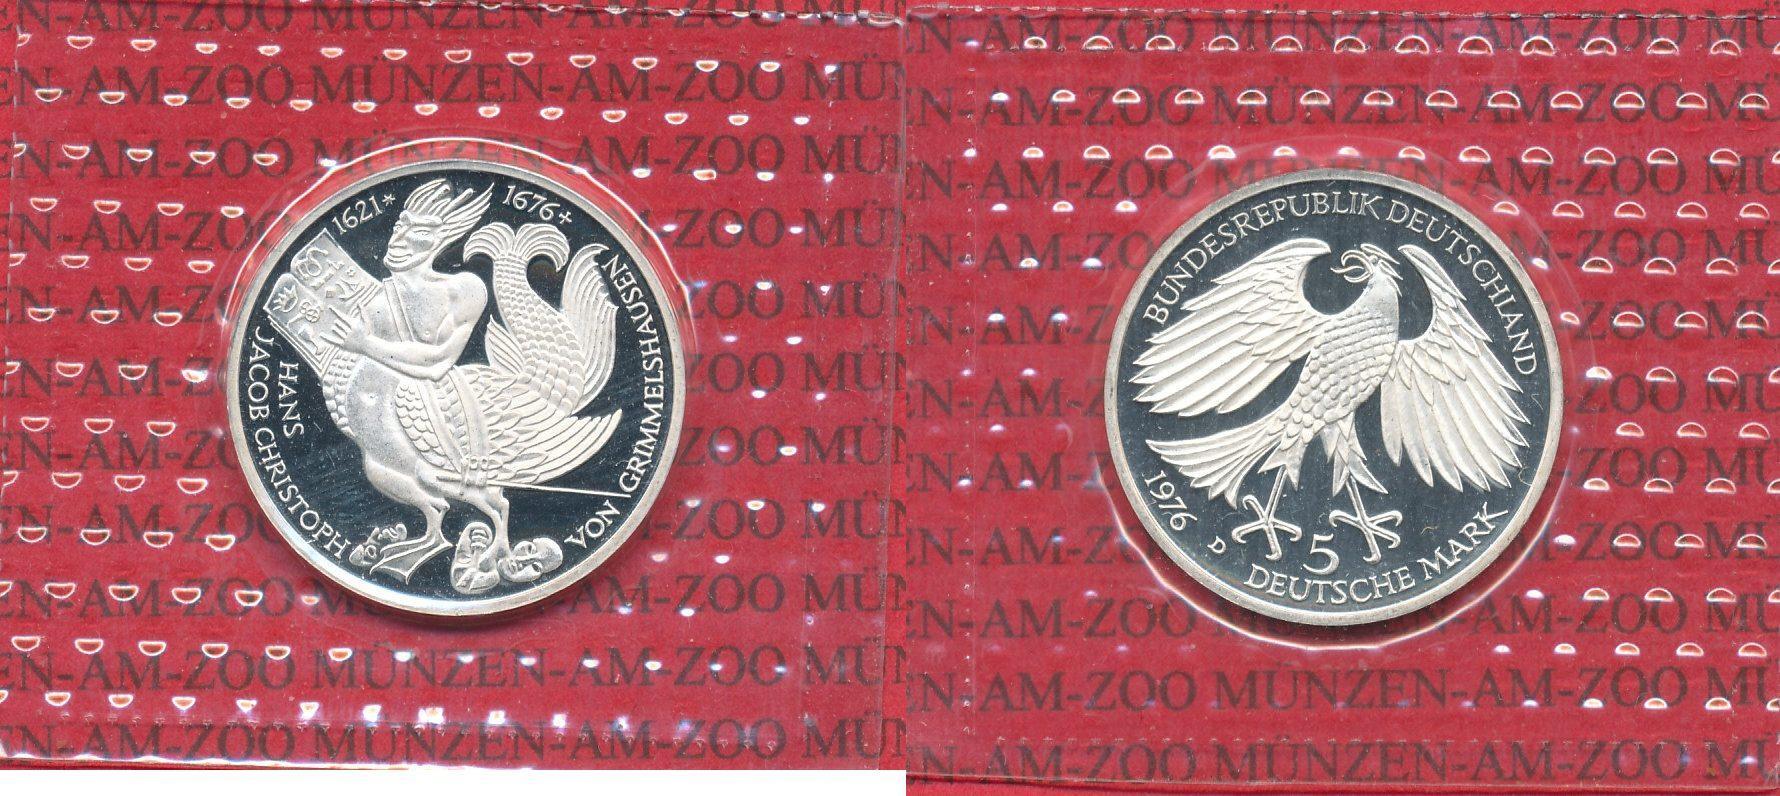 5 DM Gedenkmünze Silber 1976 Bundesrepublik Deutschland Bundesrepublik Deutschland 5 Mark 1976 , Hans Jacob Christoph von Grimmelshausen German prooflike